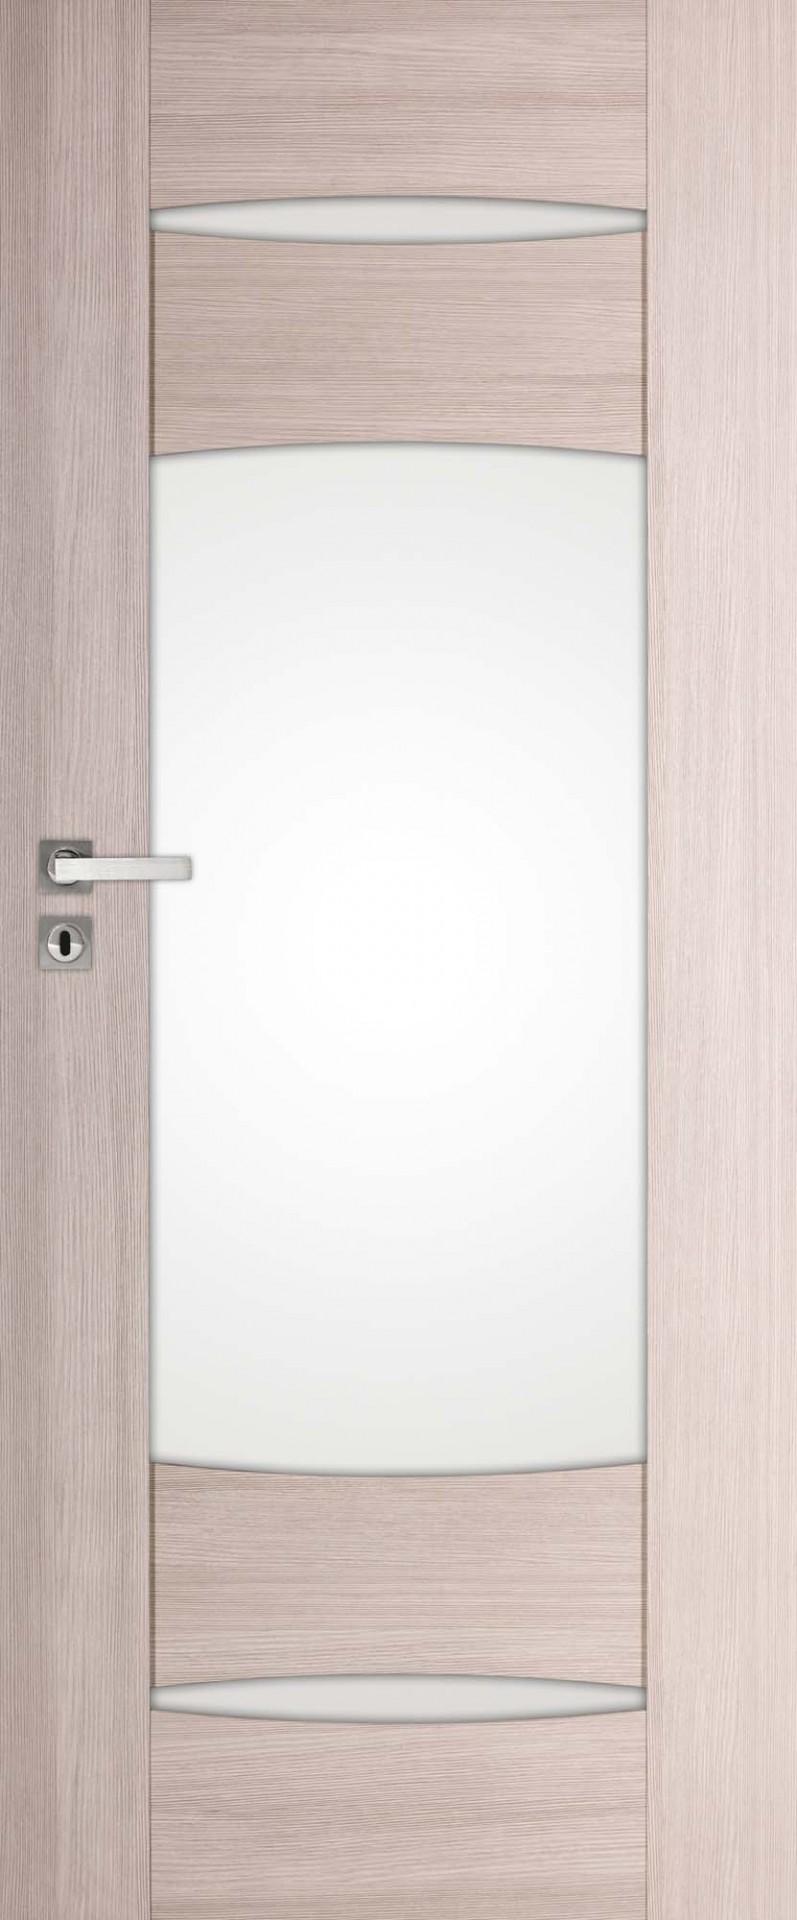 Dre dveře ENA 5, Šíře v cm 80